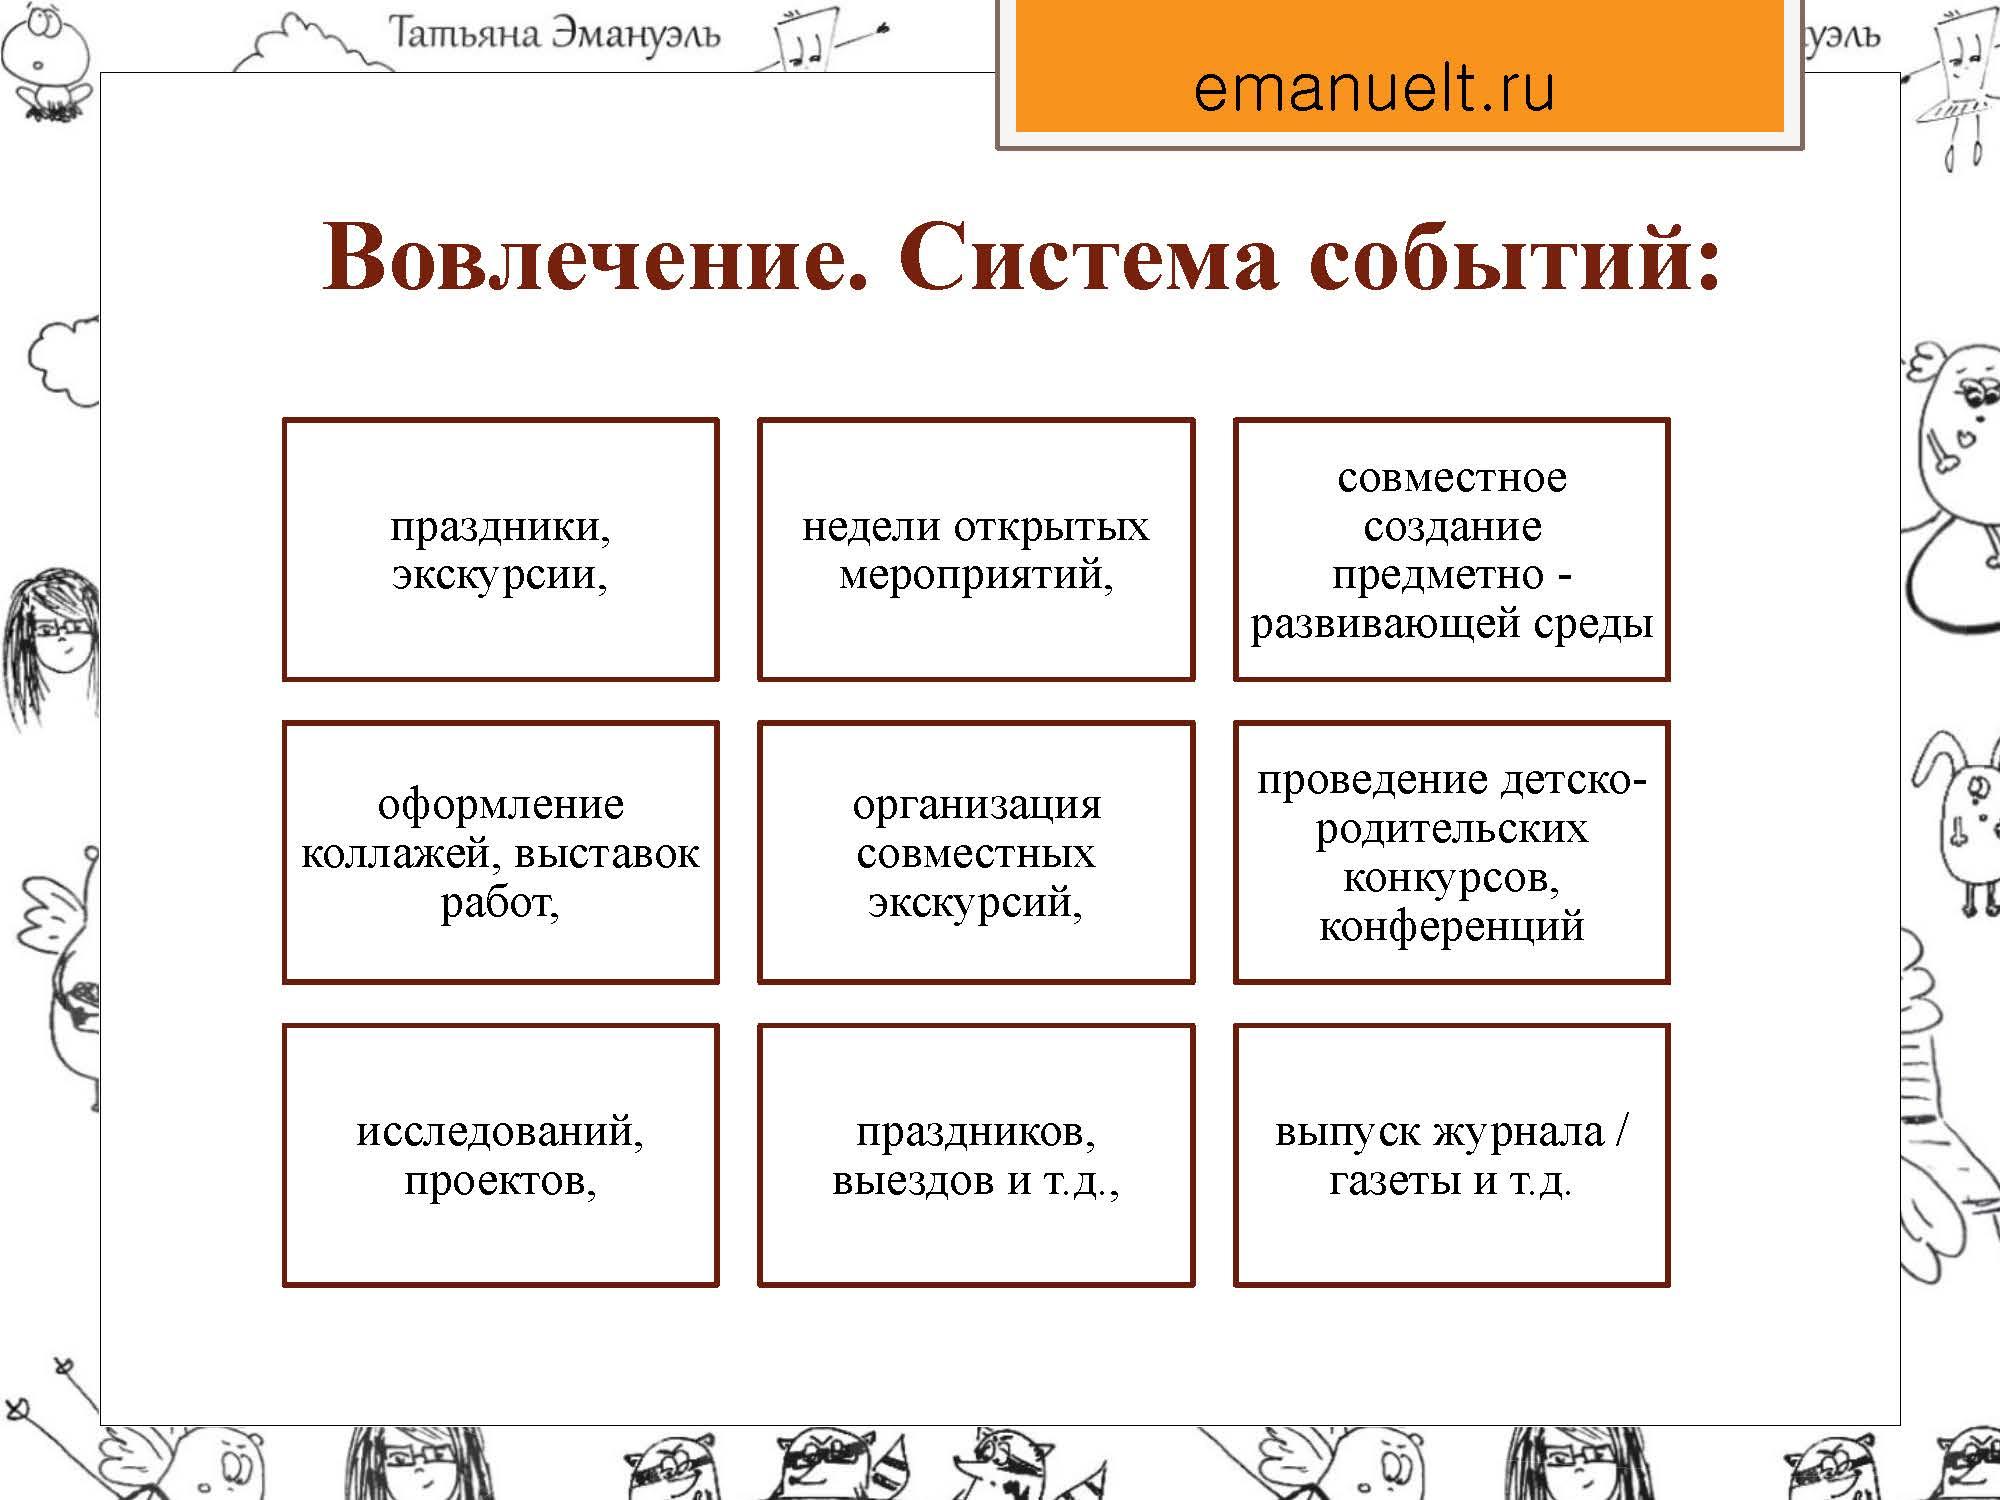 секция 8. Эмануэль Т.С., Московский район_Страница_17